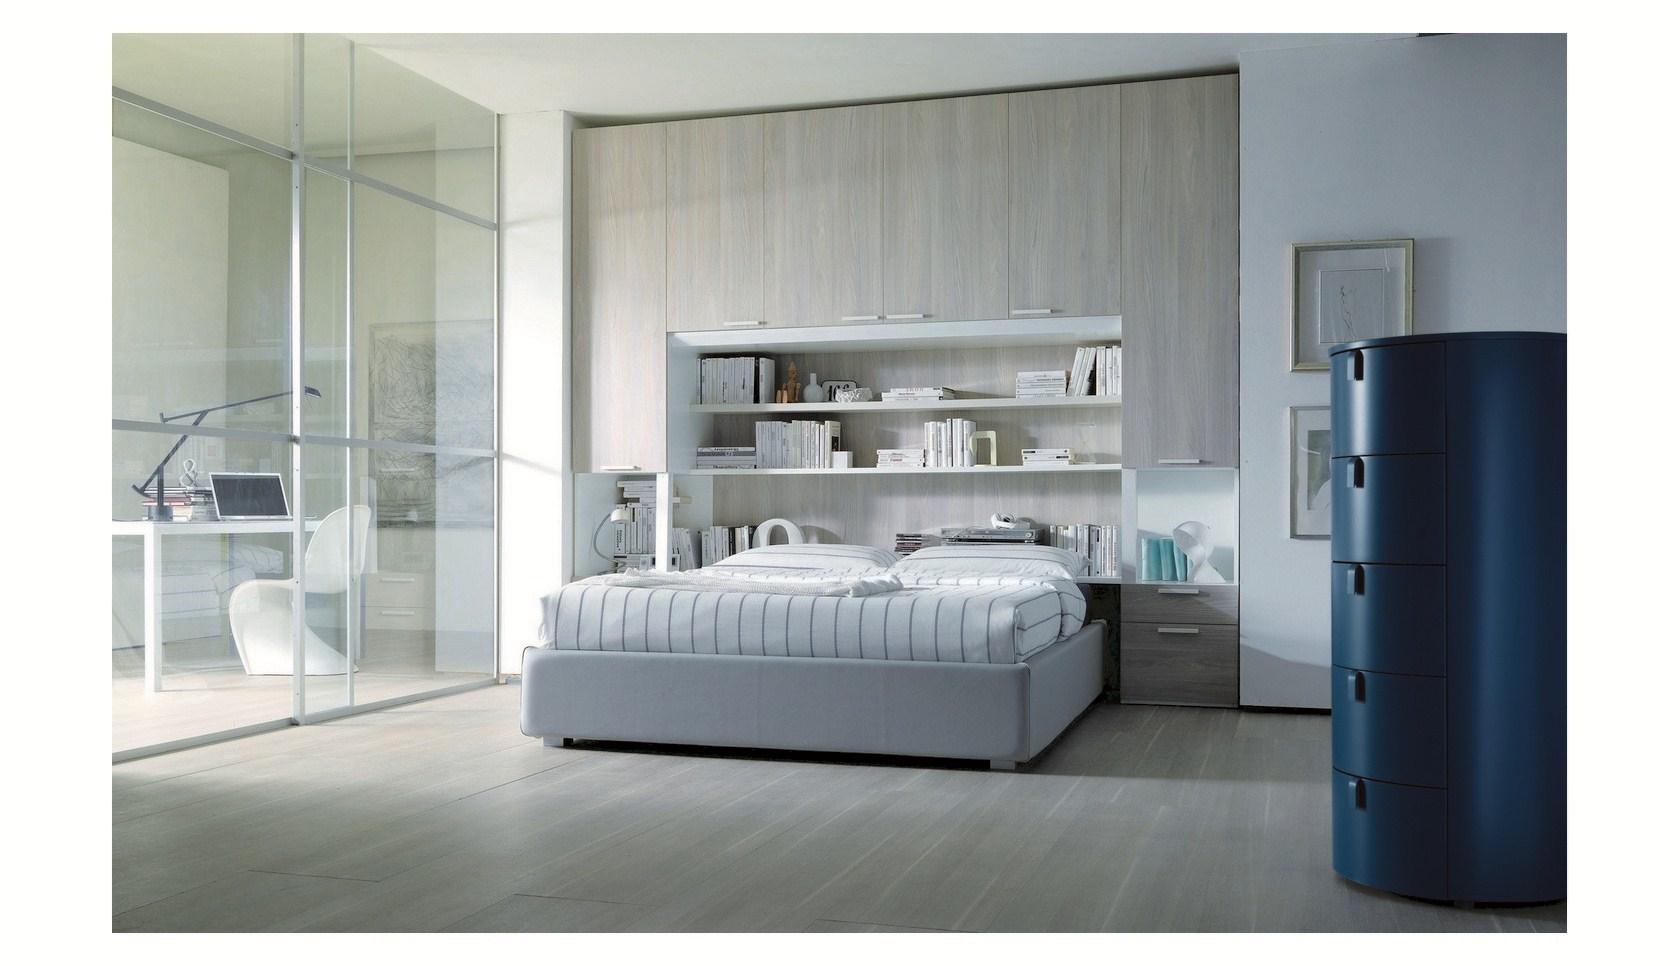 Ikea Letti Novità Letto Imbottito Moderno Vivalavida Arredo Design